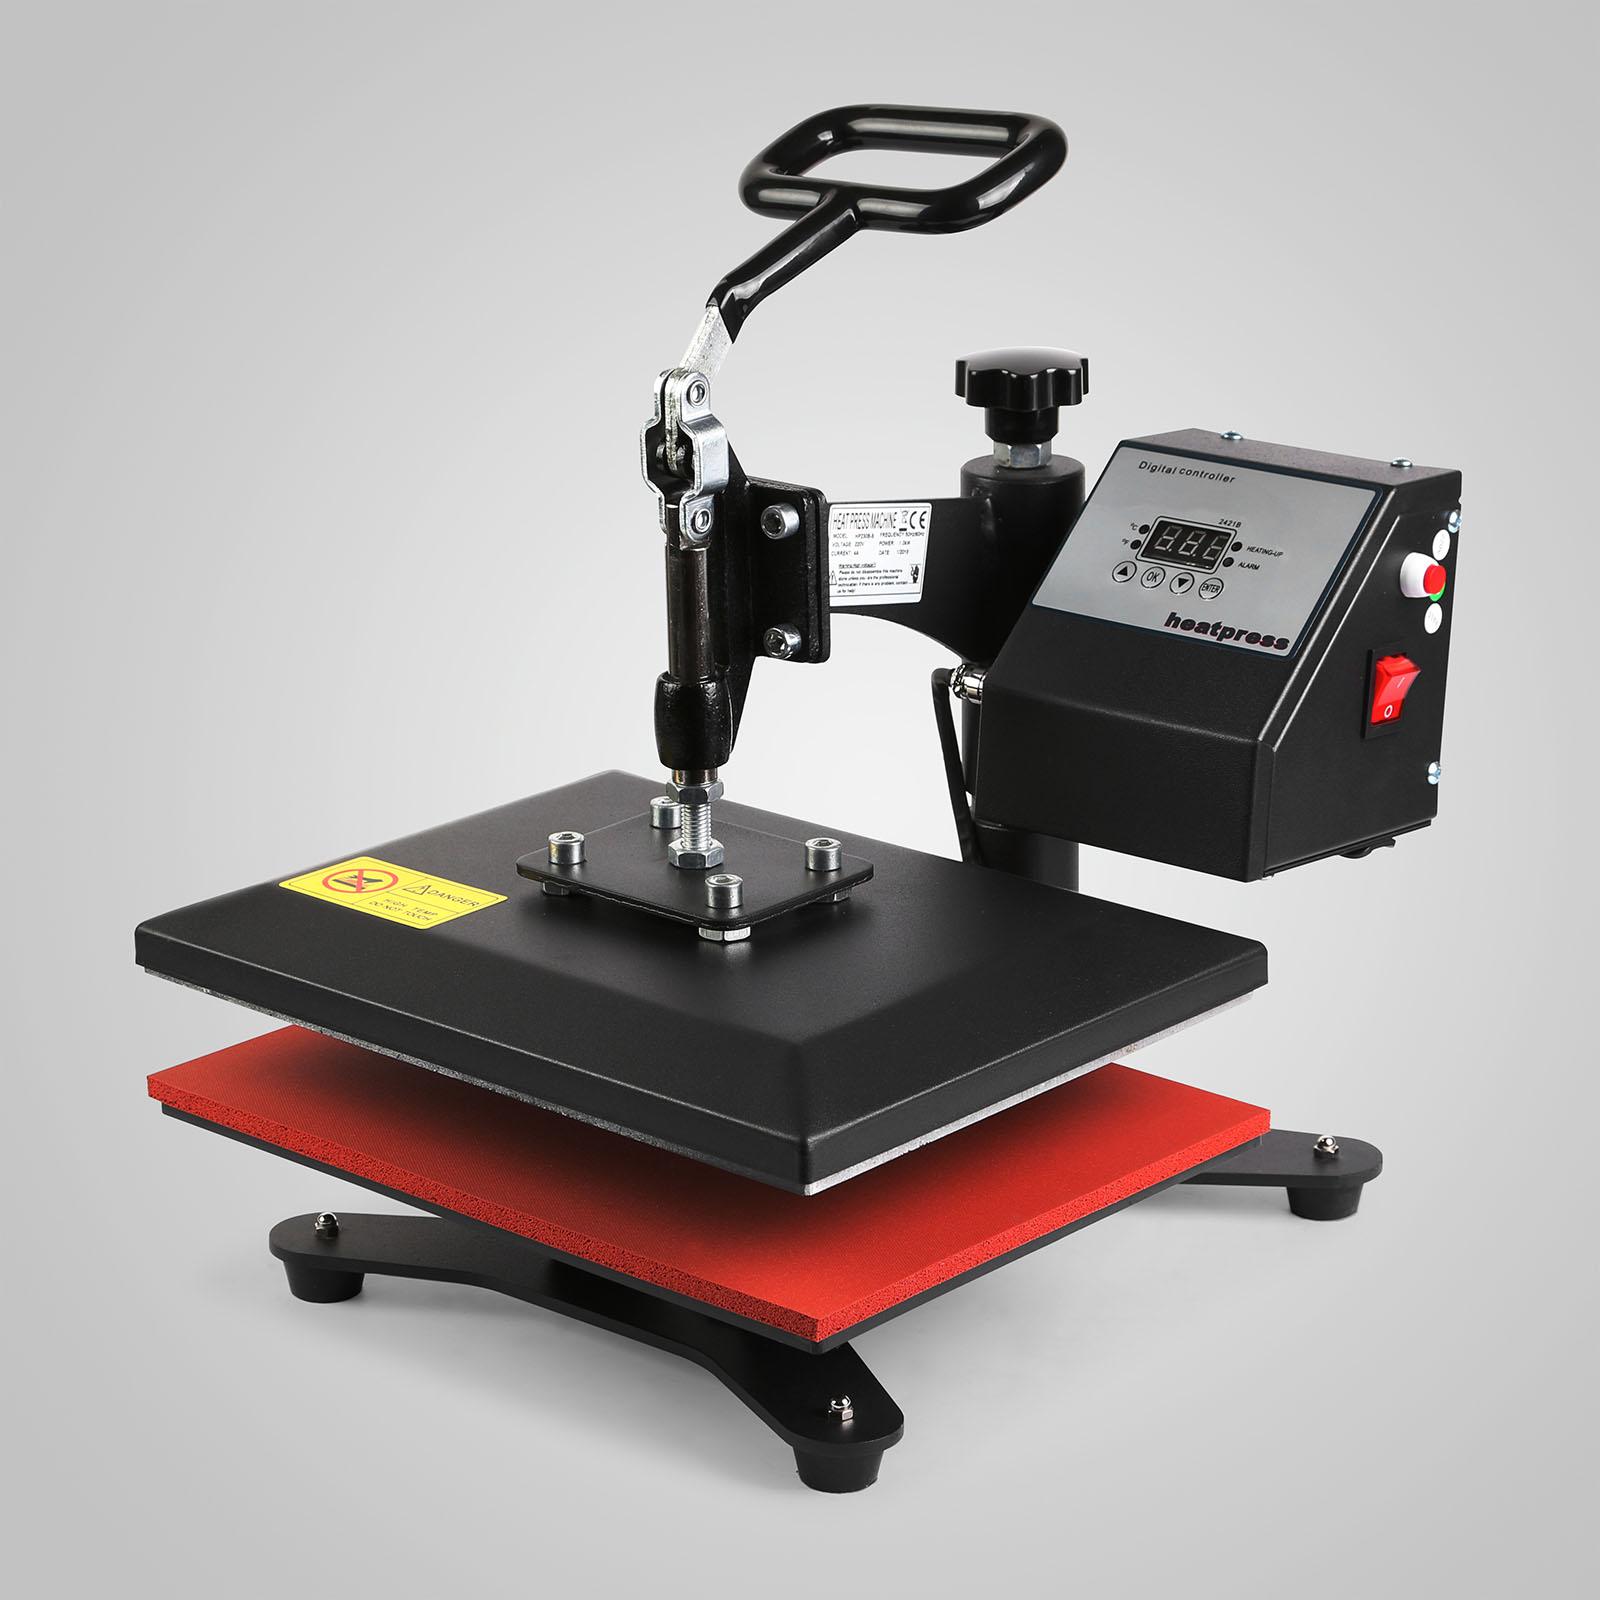 Details about Heat Press Machine 12